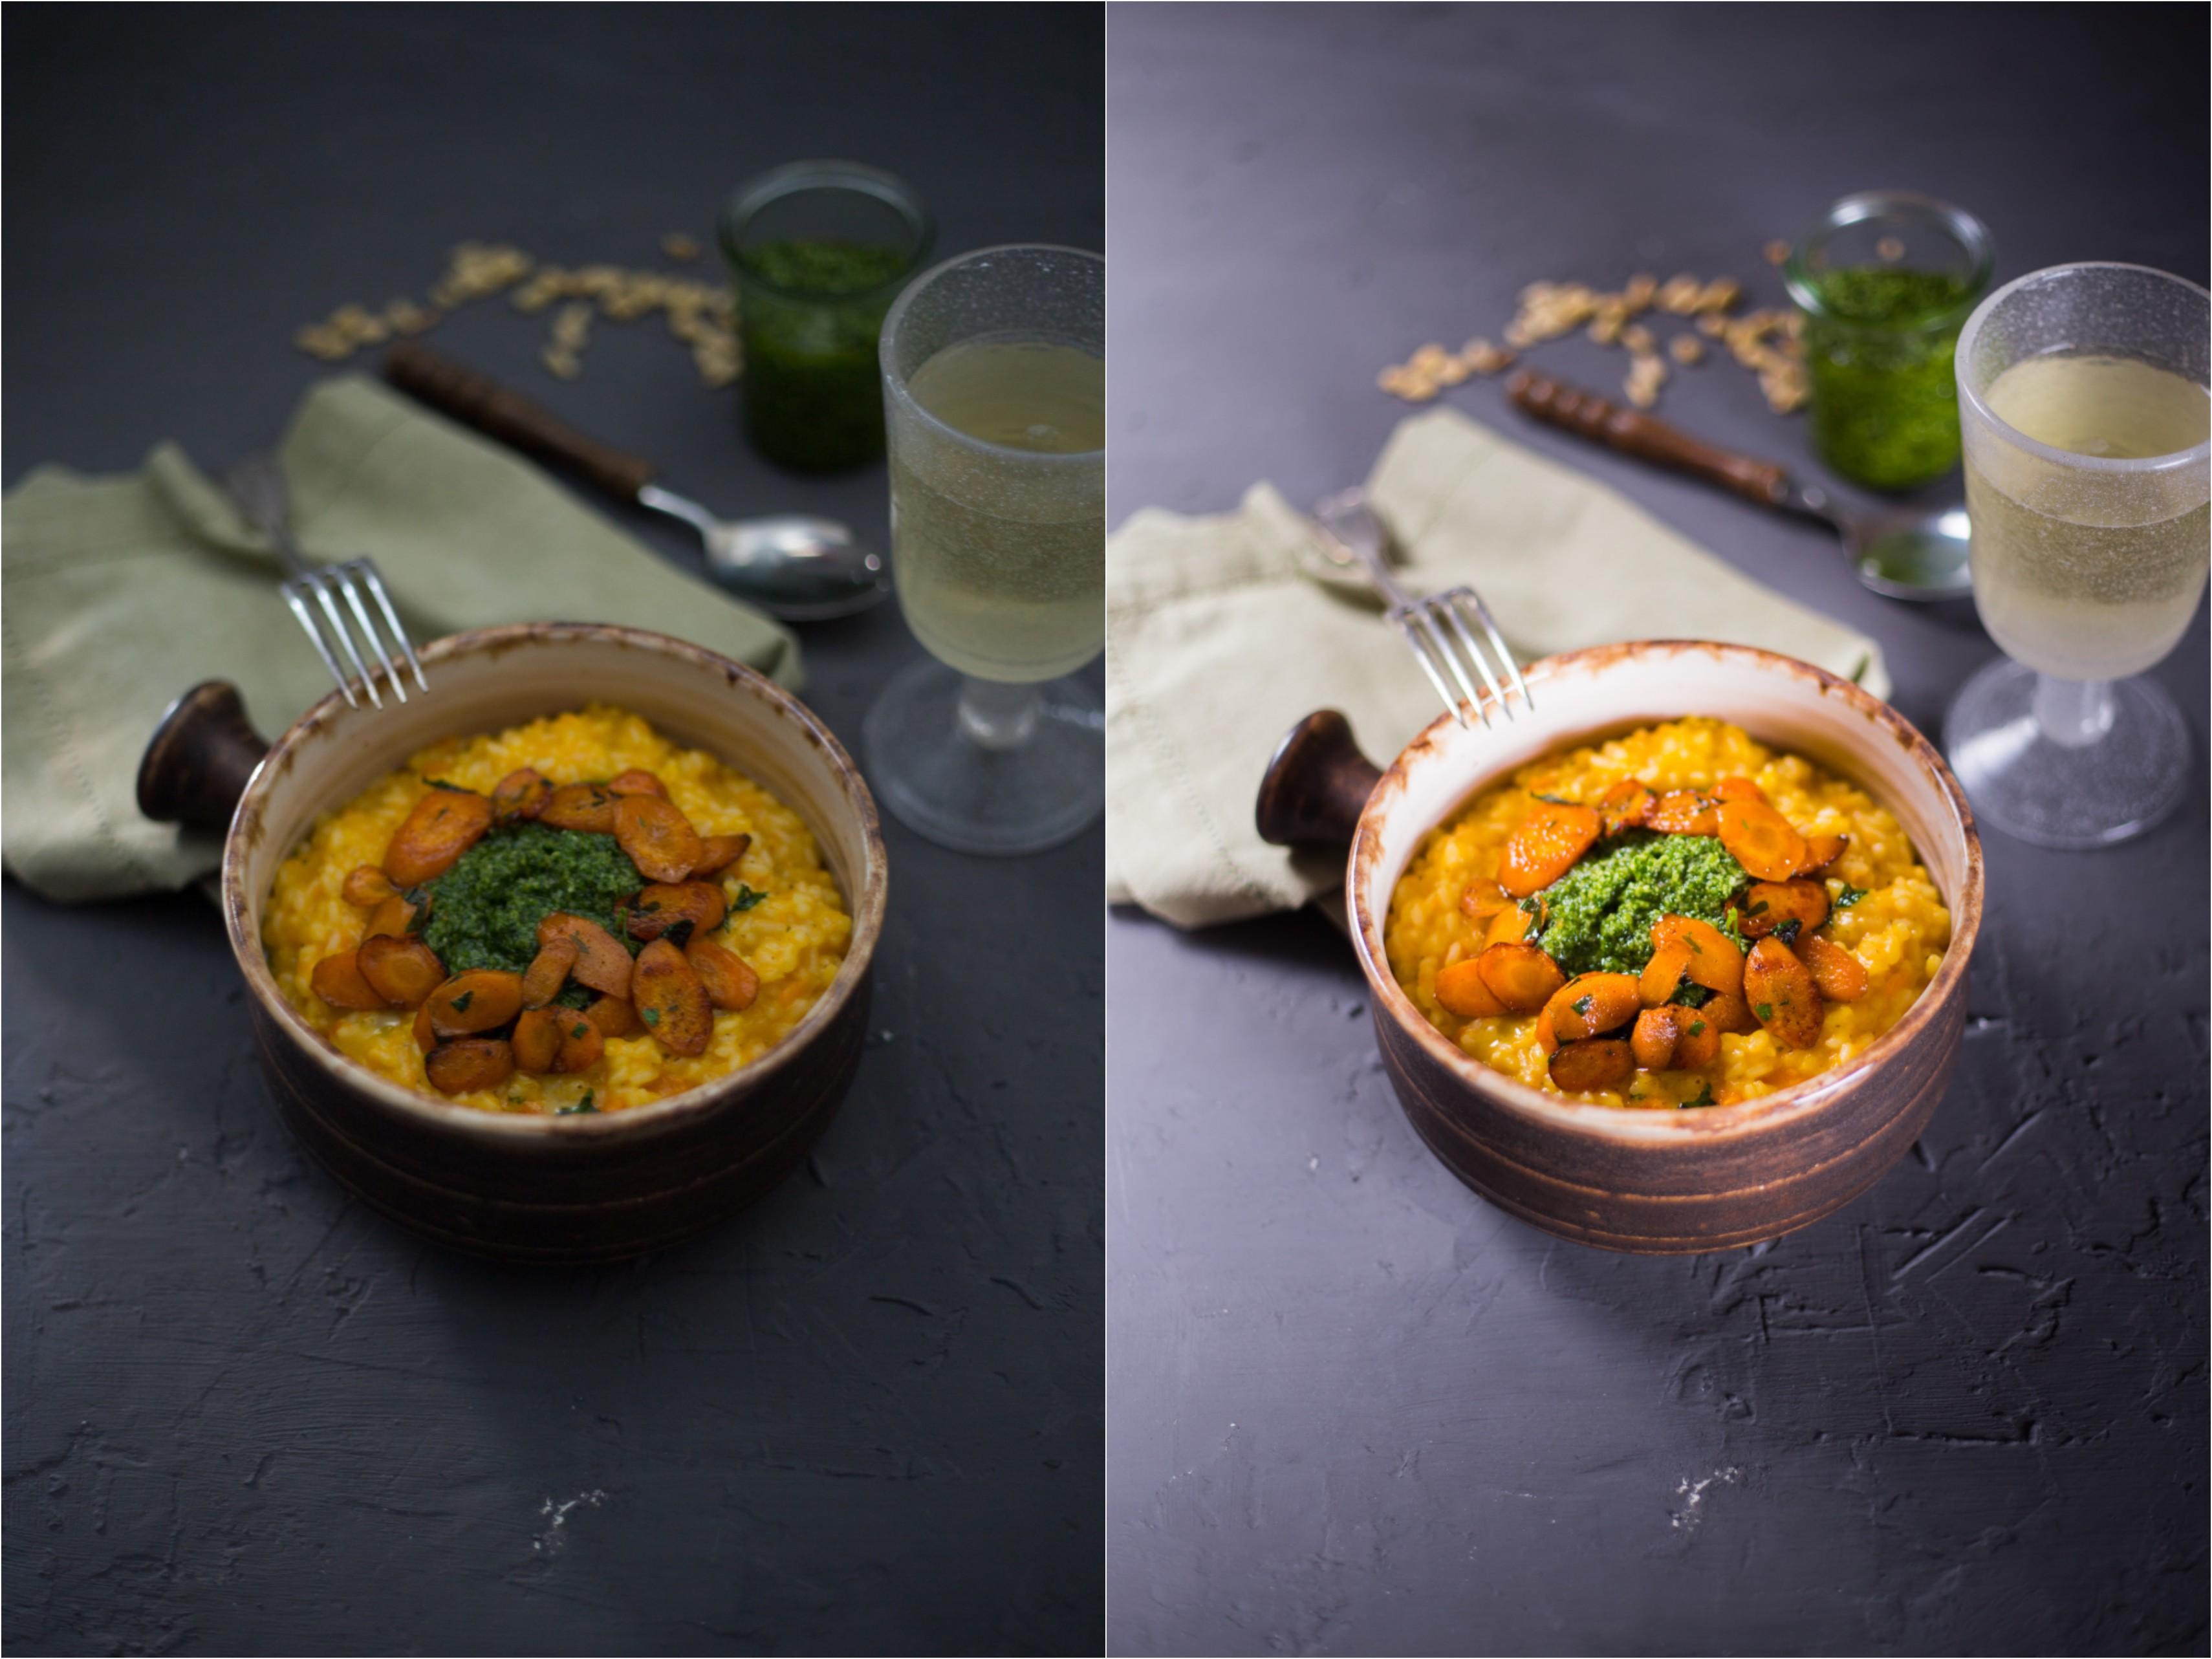 Foodfotografie mit Blitz ohne Blitz Vergleich